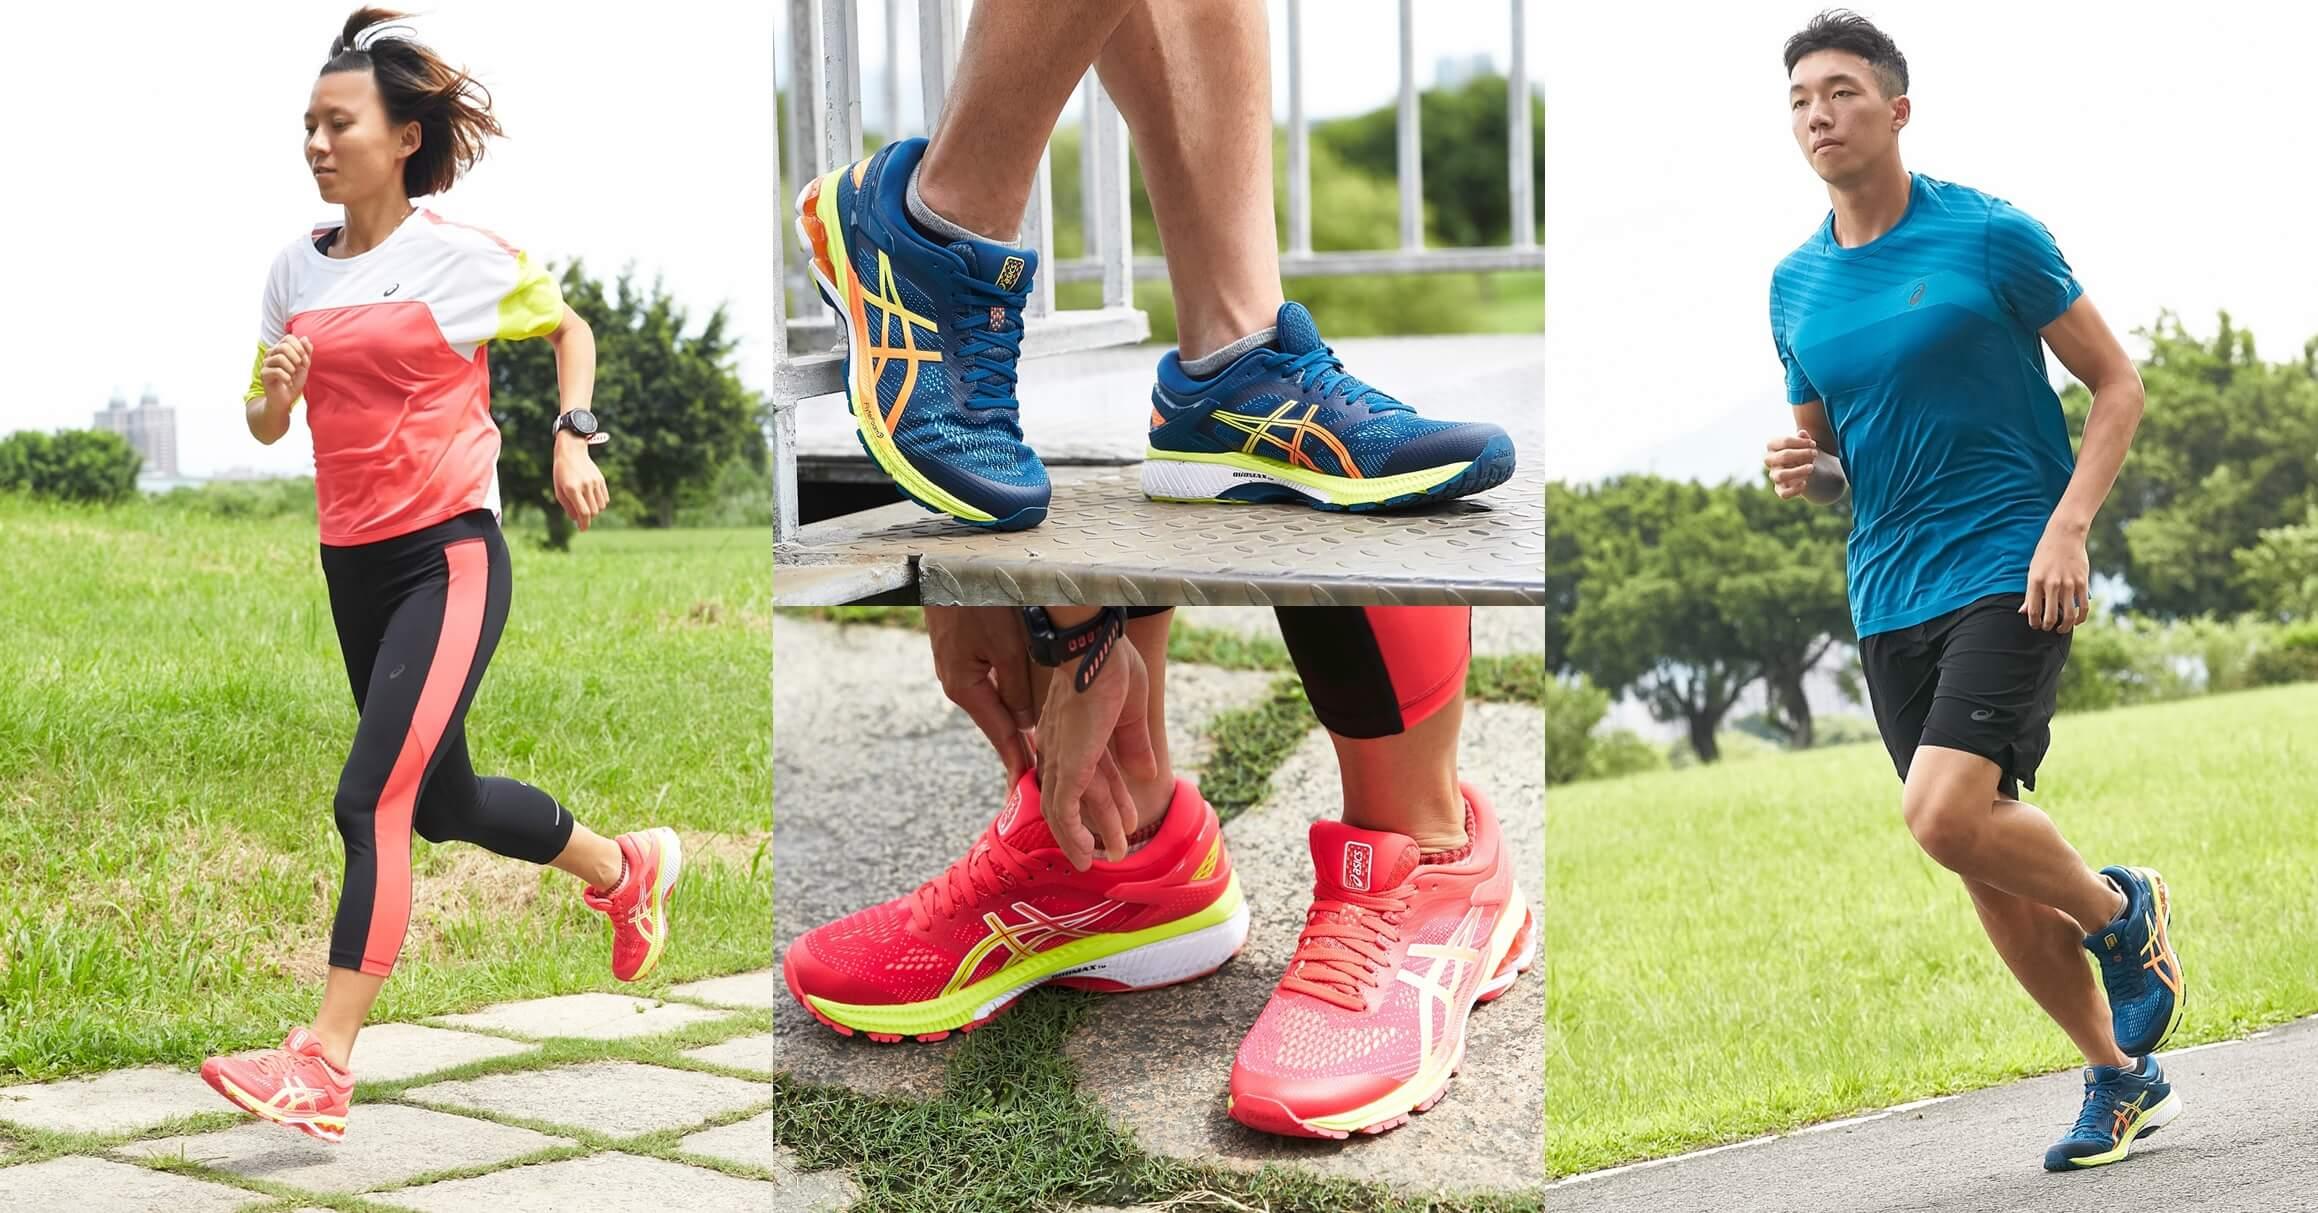 6ee6bc3f72 asics-10-people-10-colors-runners (1) – KENLU.net